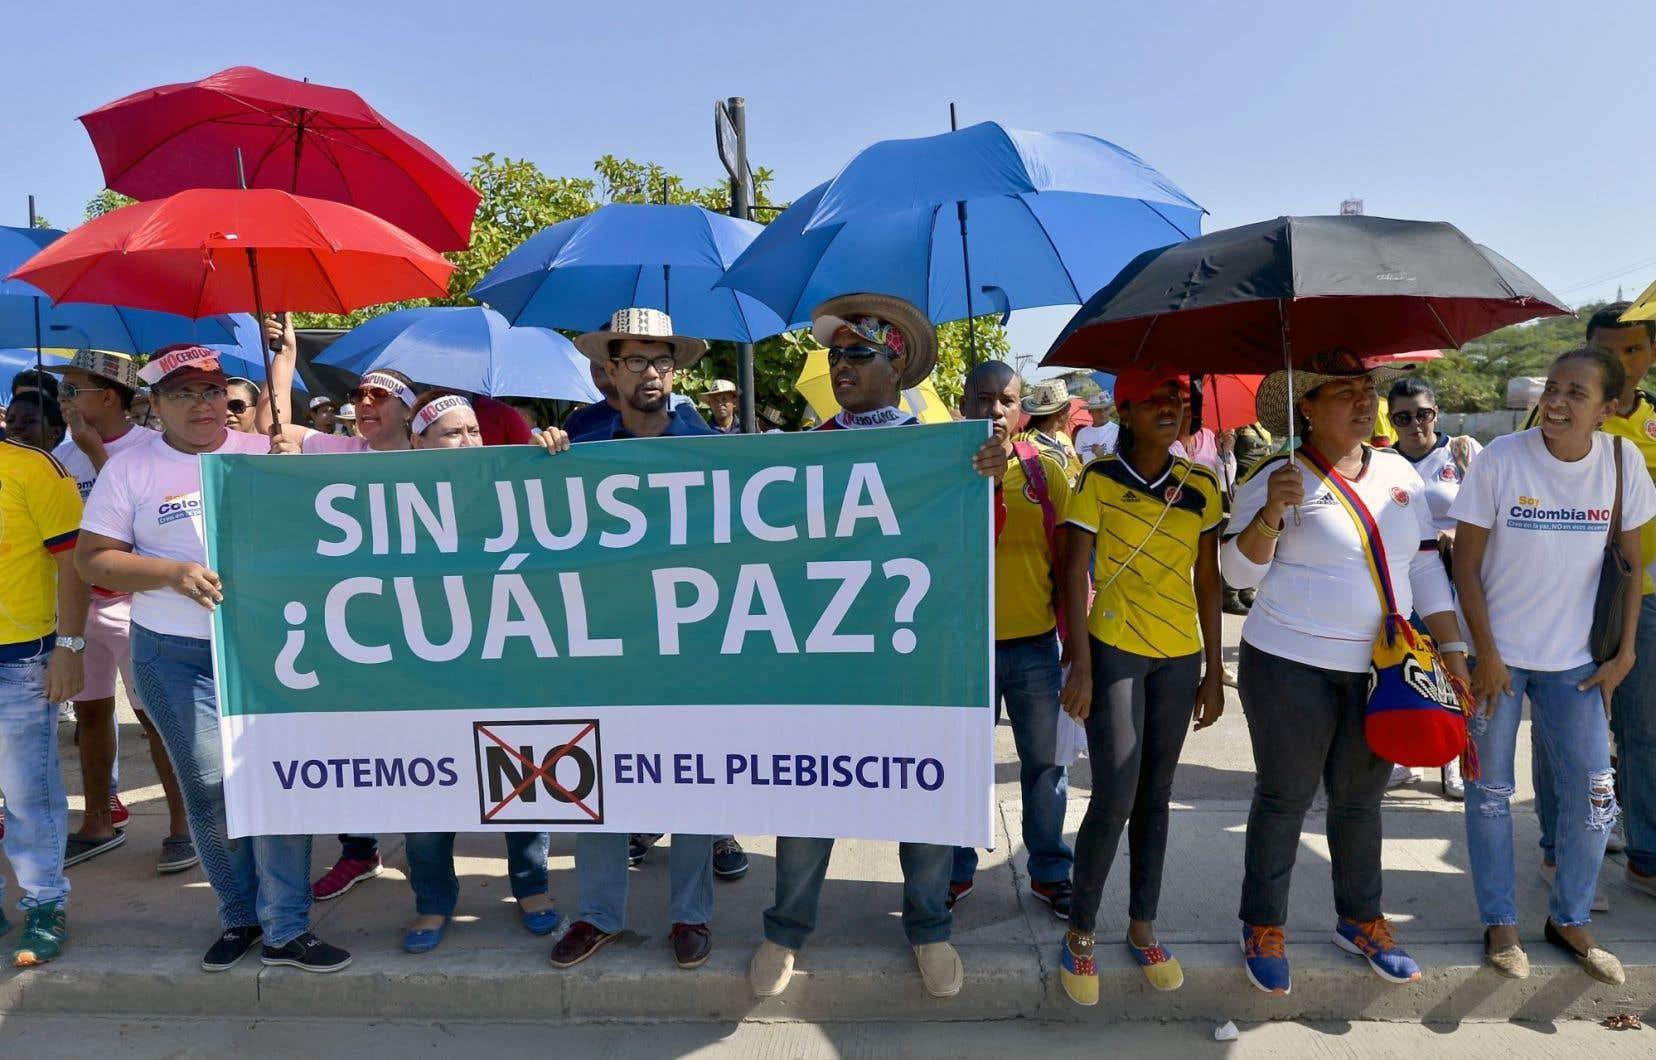 Selon Alejandro Angel, le leader du camp du Non, le sénateur et ex-président Álvaro Uribe, a joué un rôle important dans l'échec du référendum. C'est un populiste qui jouit d'un contact direct avec les masses et qui cultive un style autoritaire qui plaît à plusieurs.